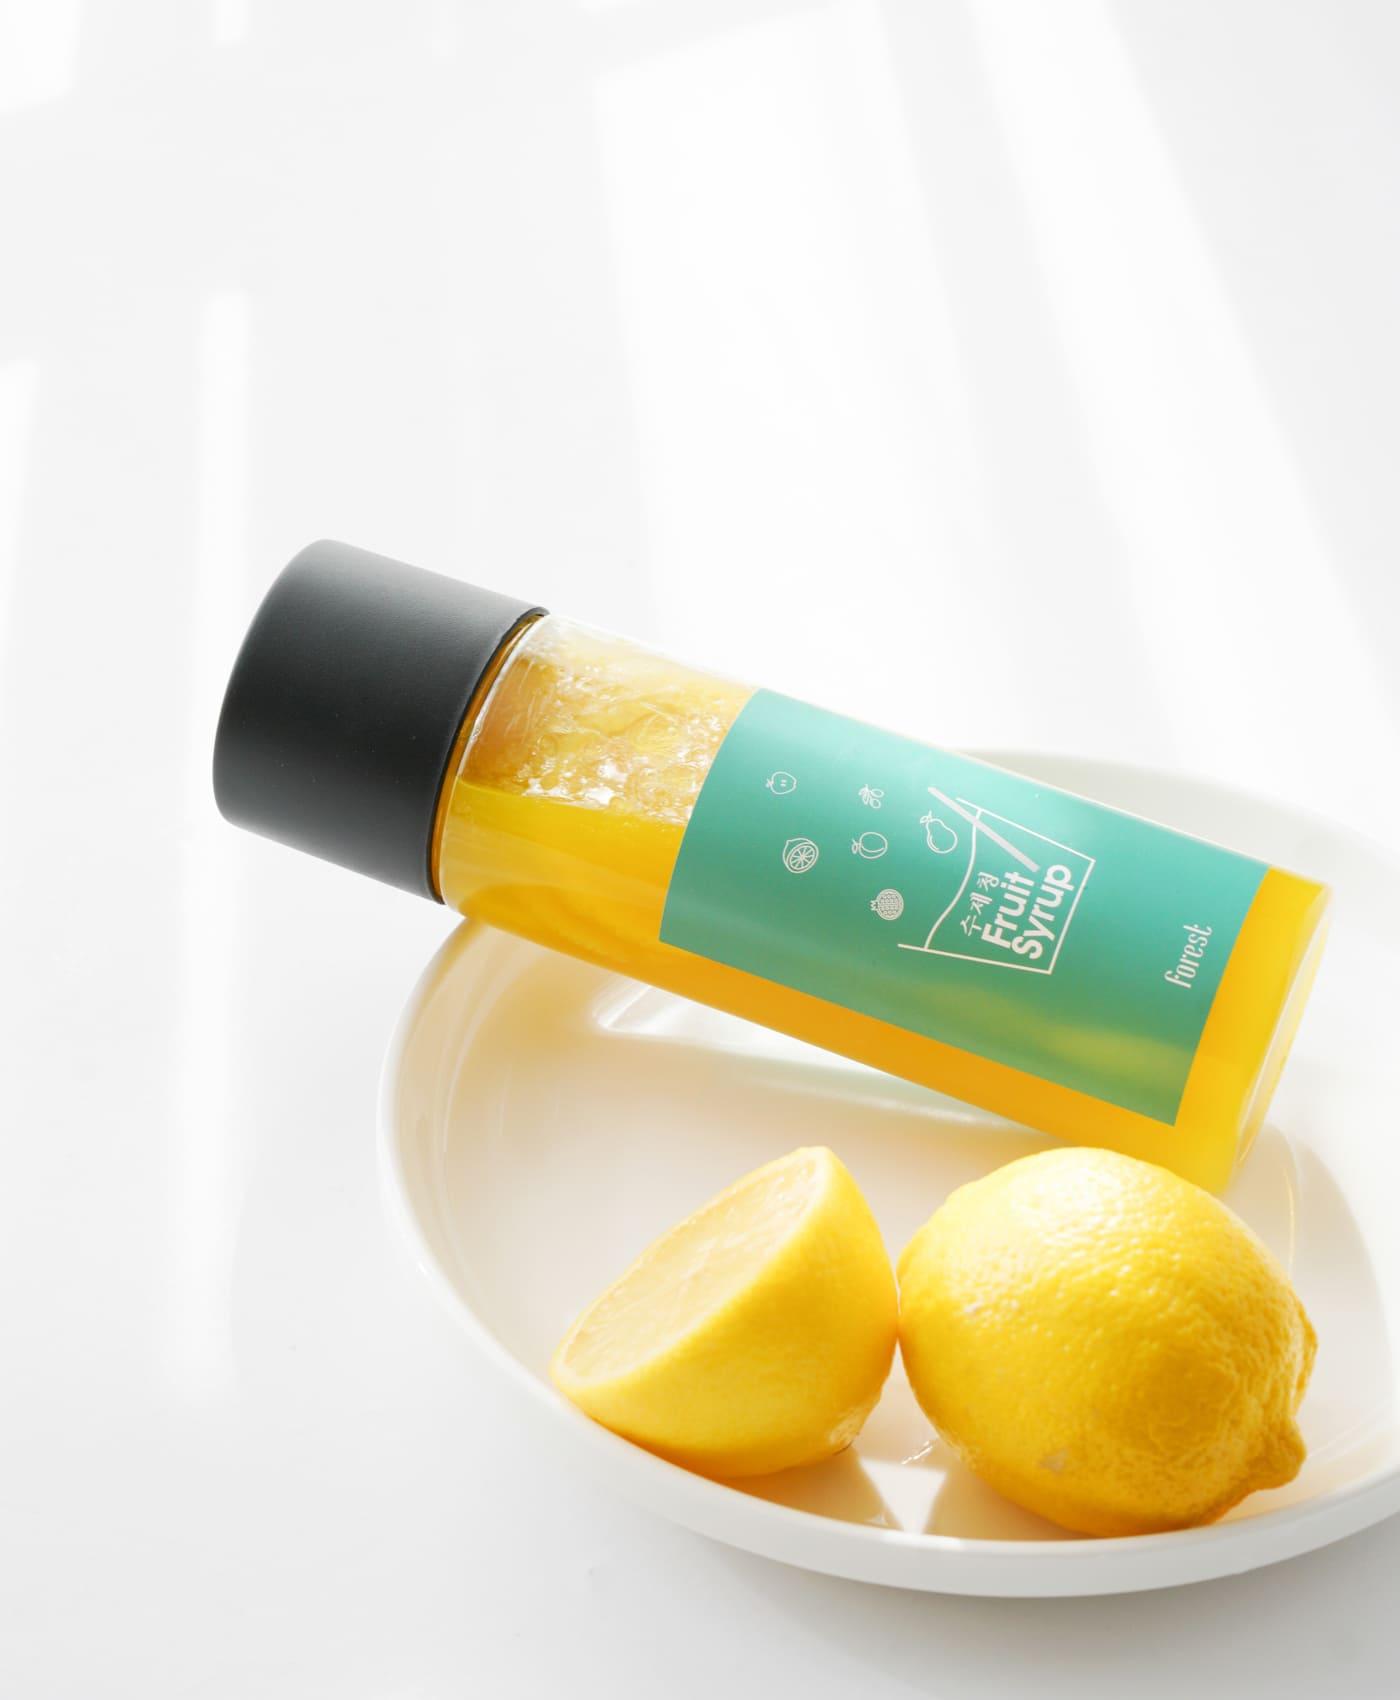 포레스트(화담) 수제 과일청 레몬청,레몬생강청,블루베리청,딸기청,자몽청 상세이미지2